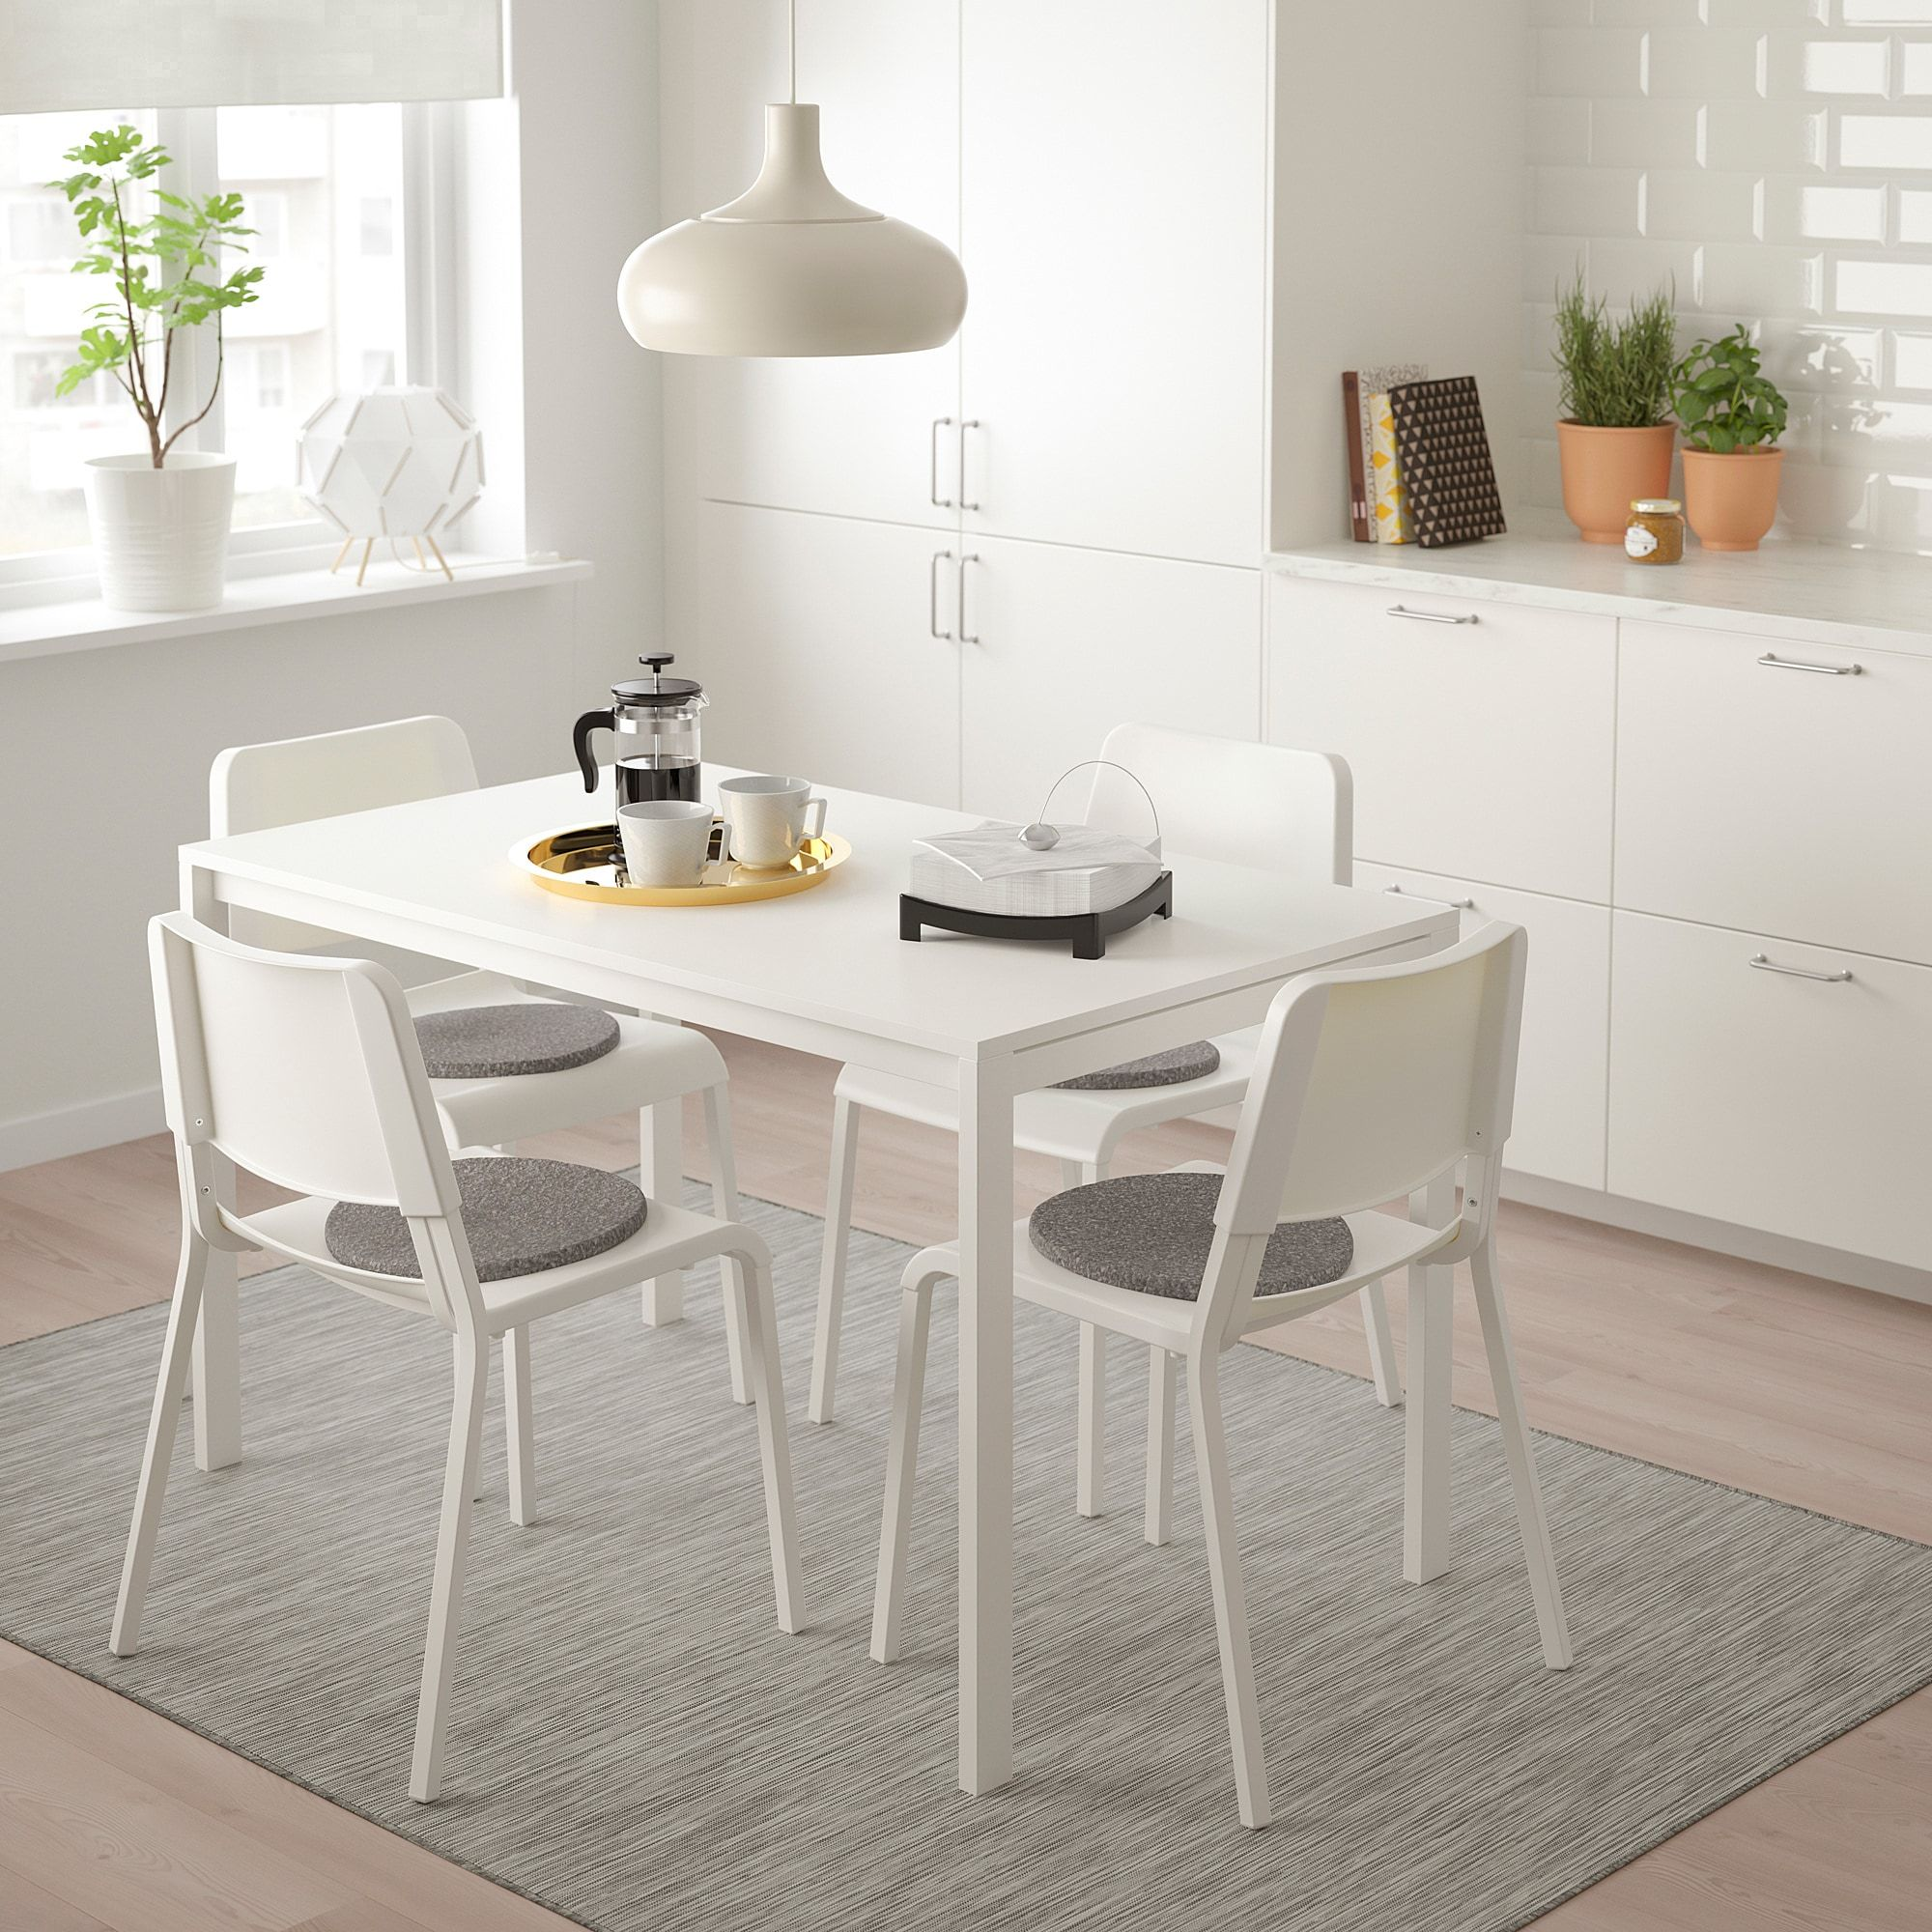 Melltorp Teodores Tisch Und 4 Stuhle Weiss Weisse Stuhle Ikea